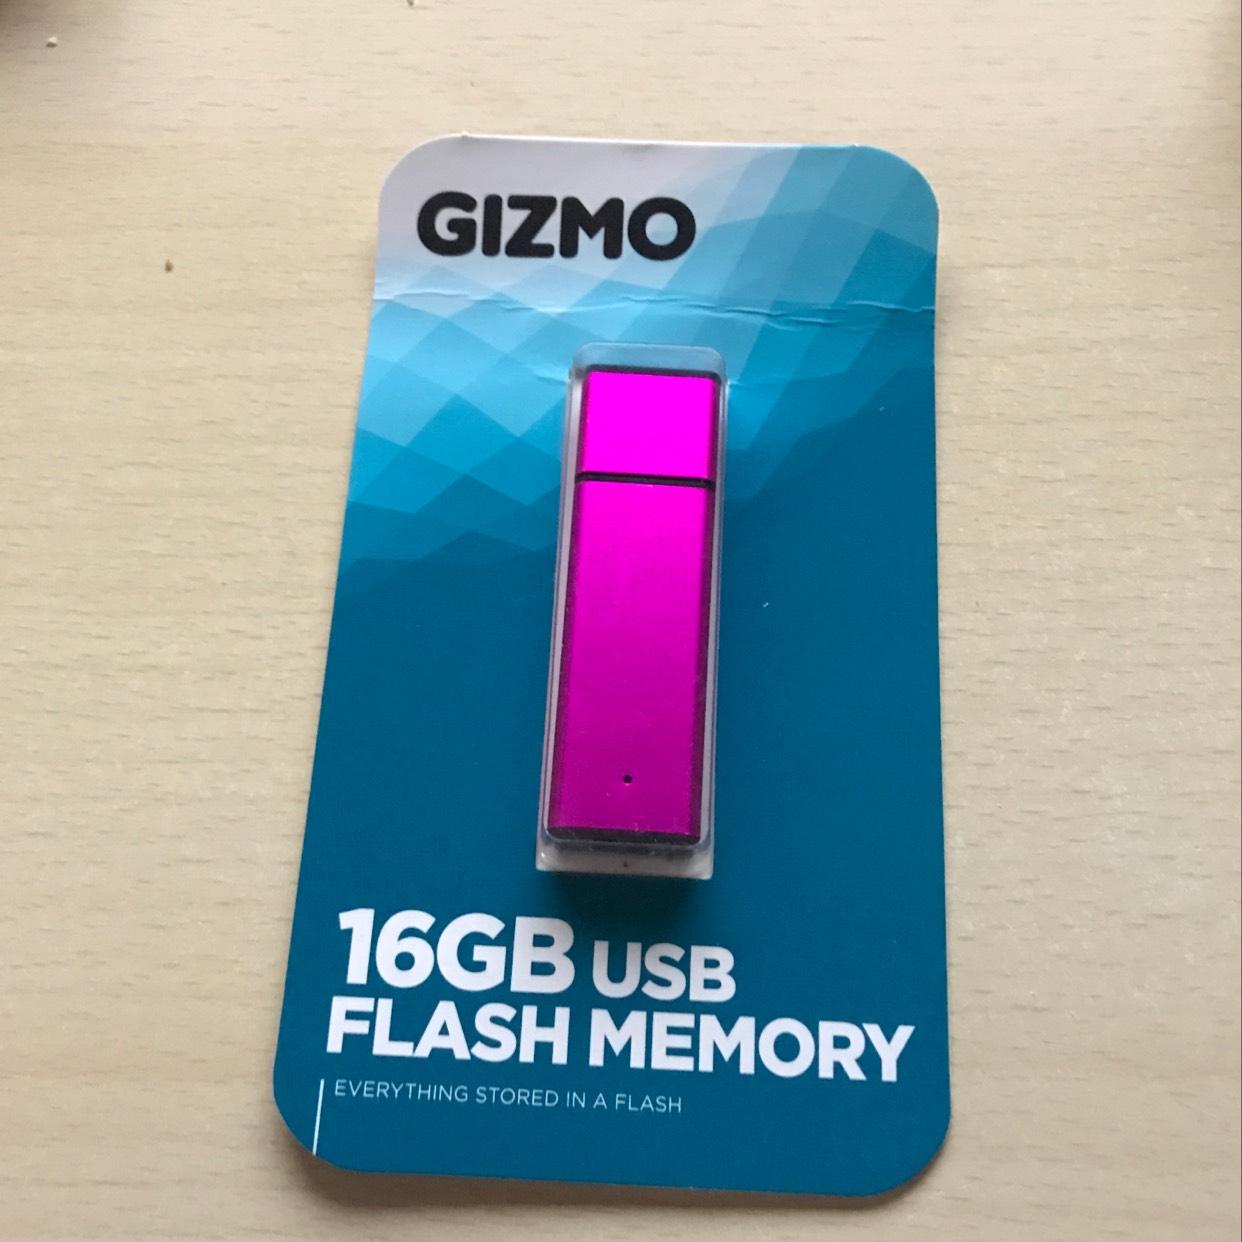 16gb Gizmo USB Flash Stick £5 @ Wilko